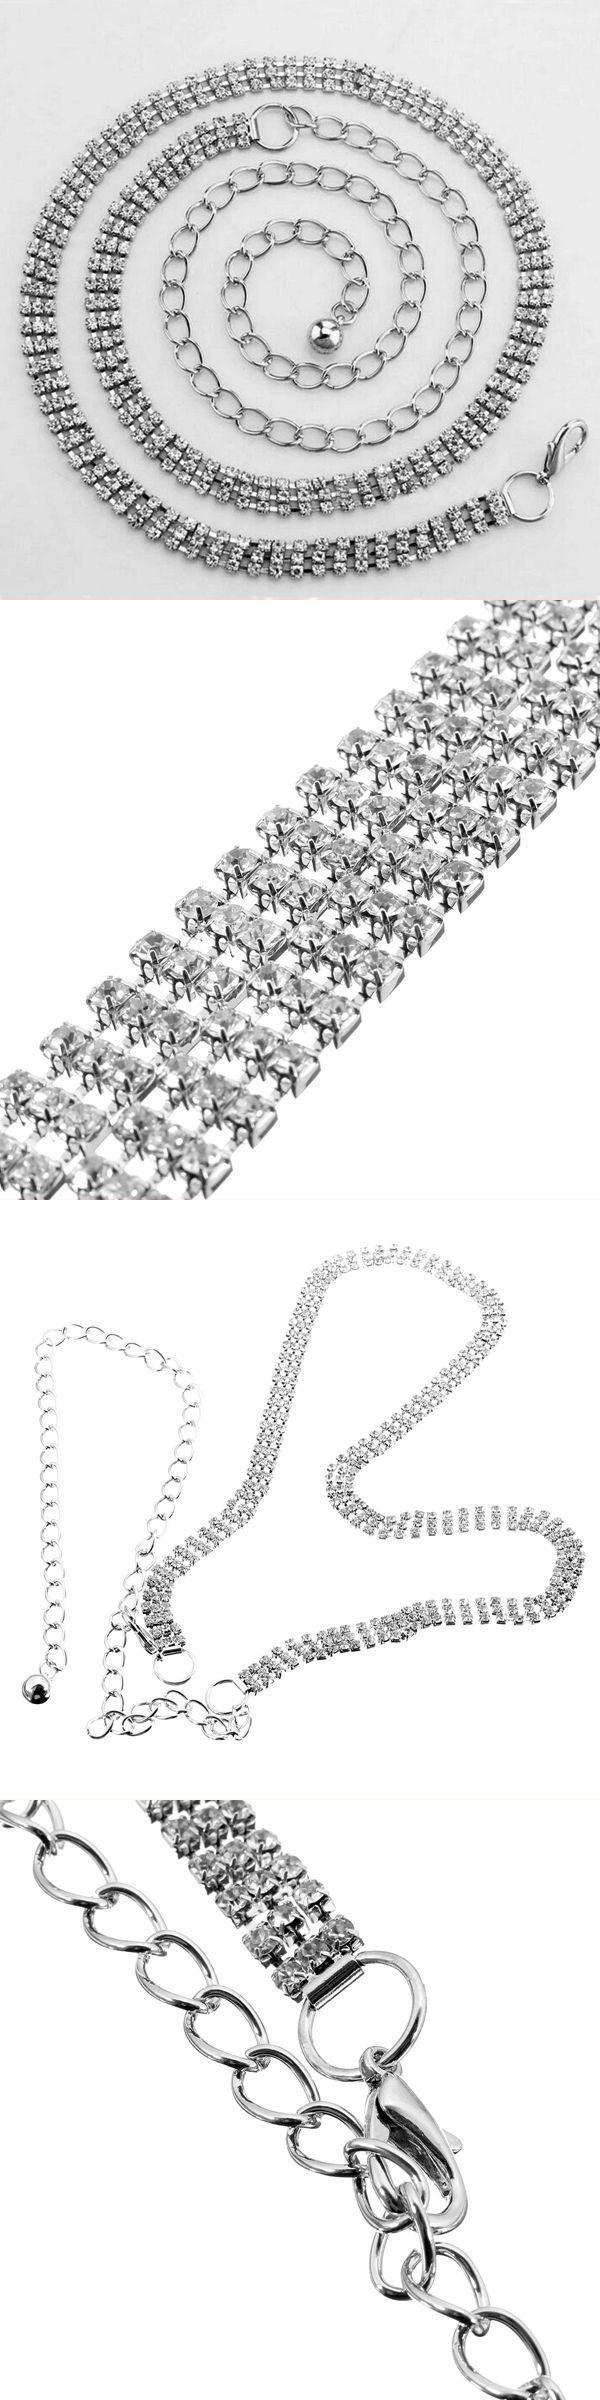 Body jewelry tucson 1pc silver 3 row rhinestone waist chain belt for women #body #jewelry #online #best #body #jewelry #plus #auburn #body #jewelry #wholesale #distributors #d #ring #body #jewelry